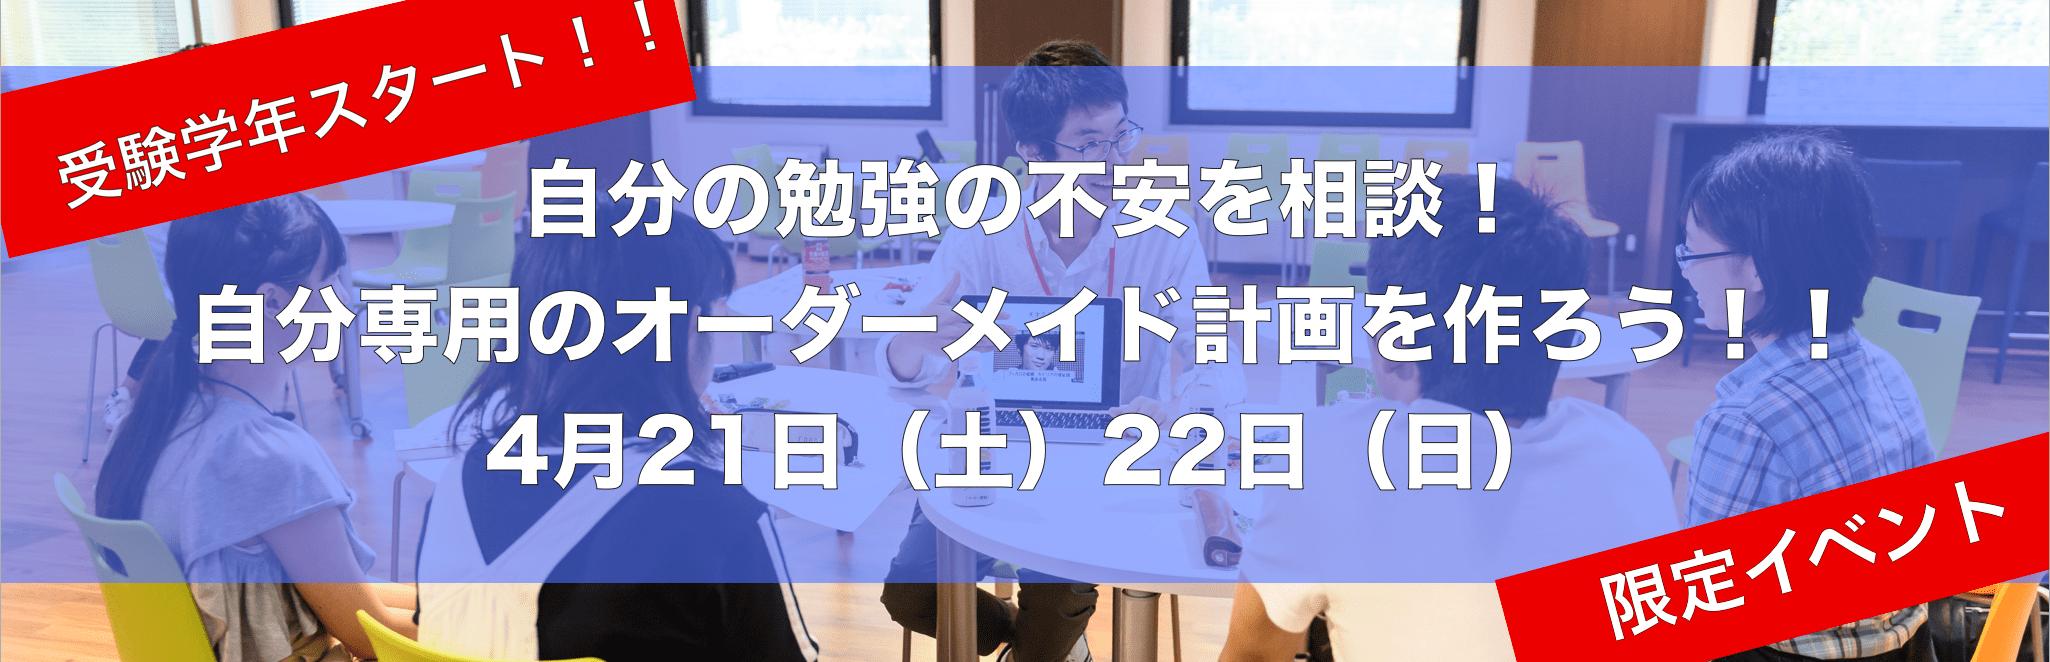 新学年スタート 自分専用のオーダーメイド計画を作ろう! 限定イベント 4月21日22日